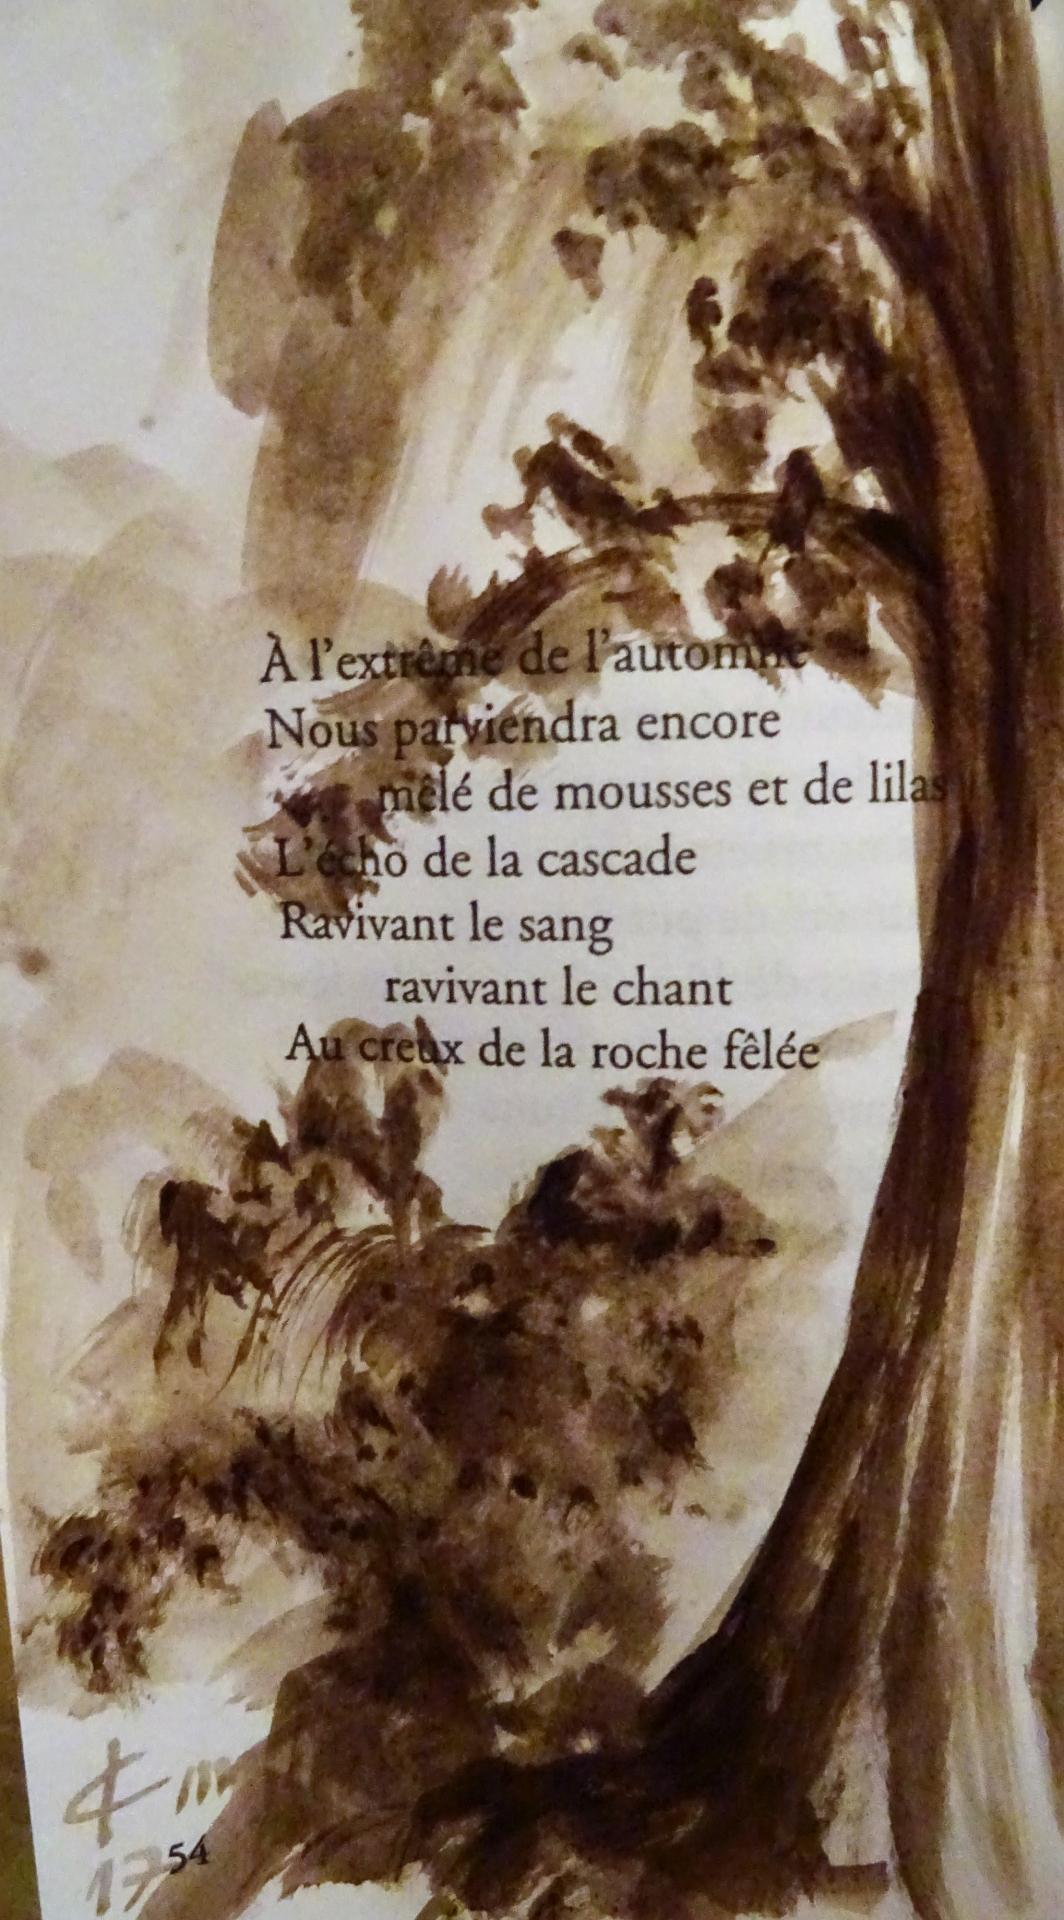 Poeme de francois cheng illustre dessin au lavis de jean joseph chevalier 165